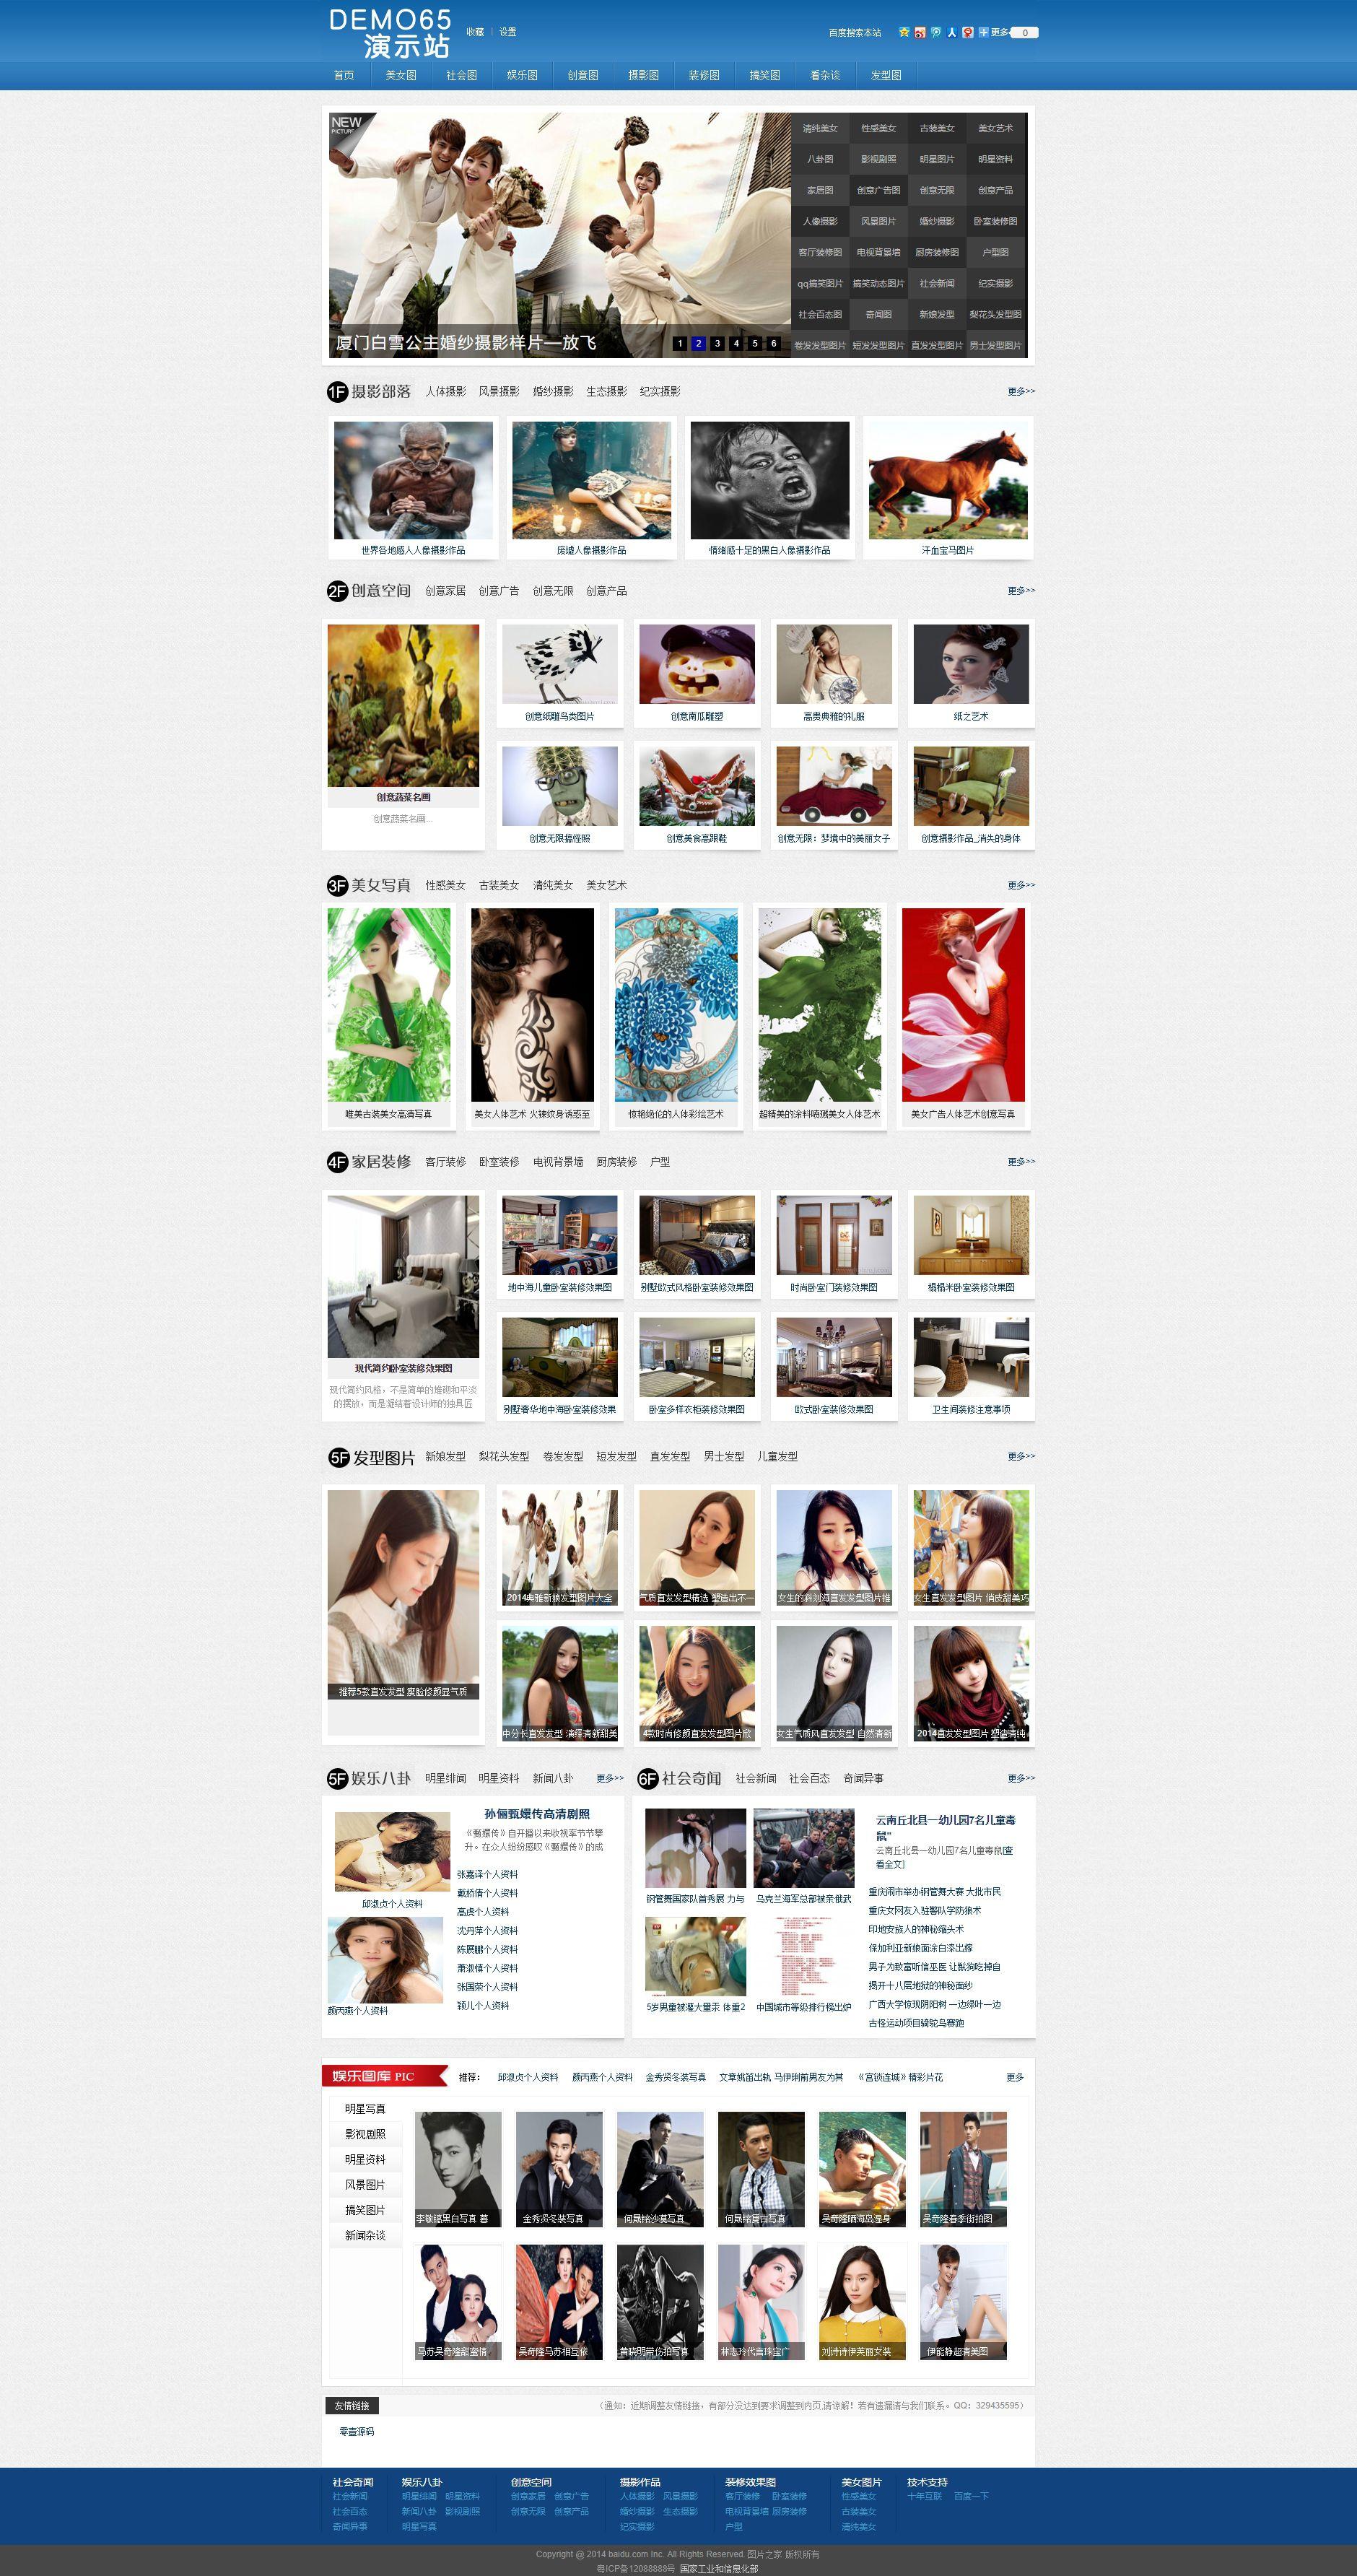 图片资讯站织梦dedecms源码 图片展示网站模板